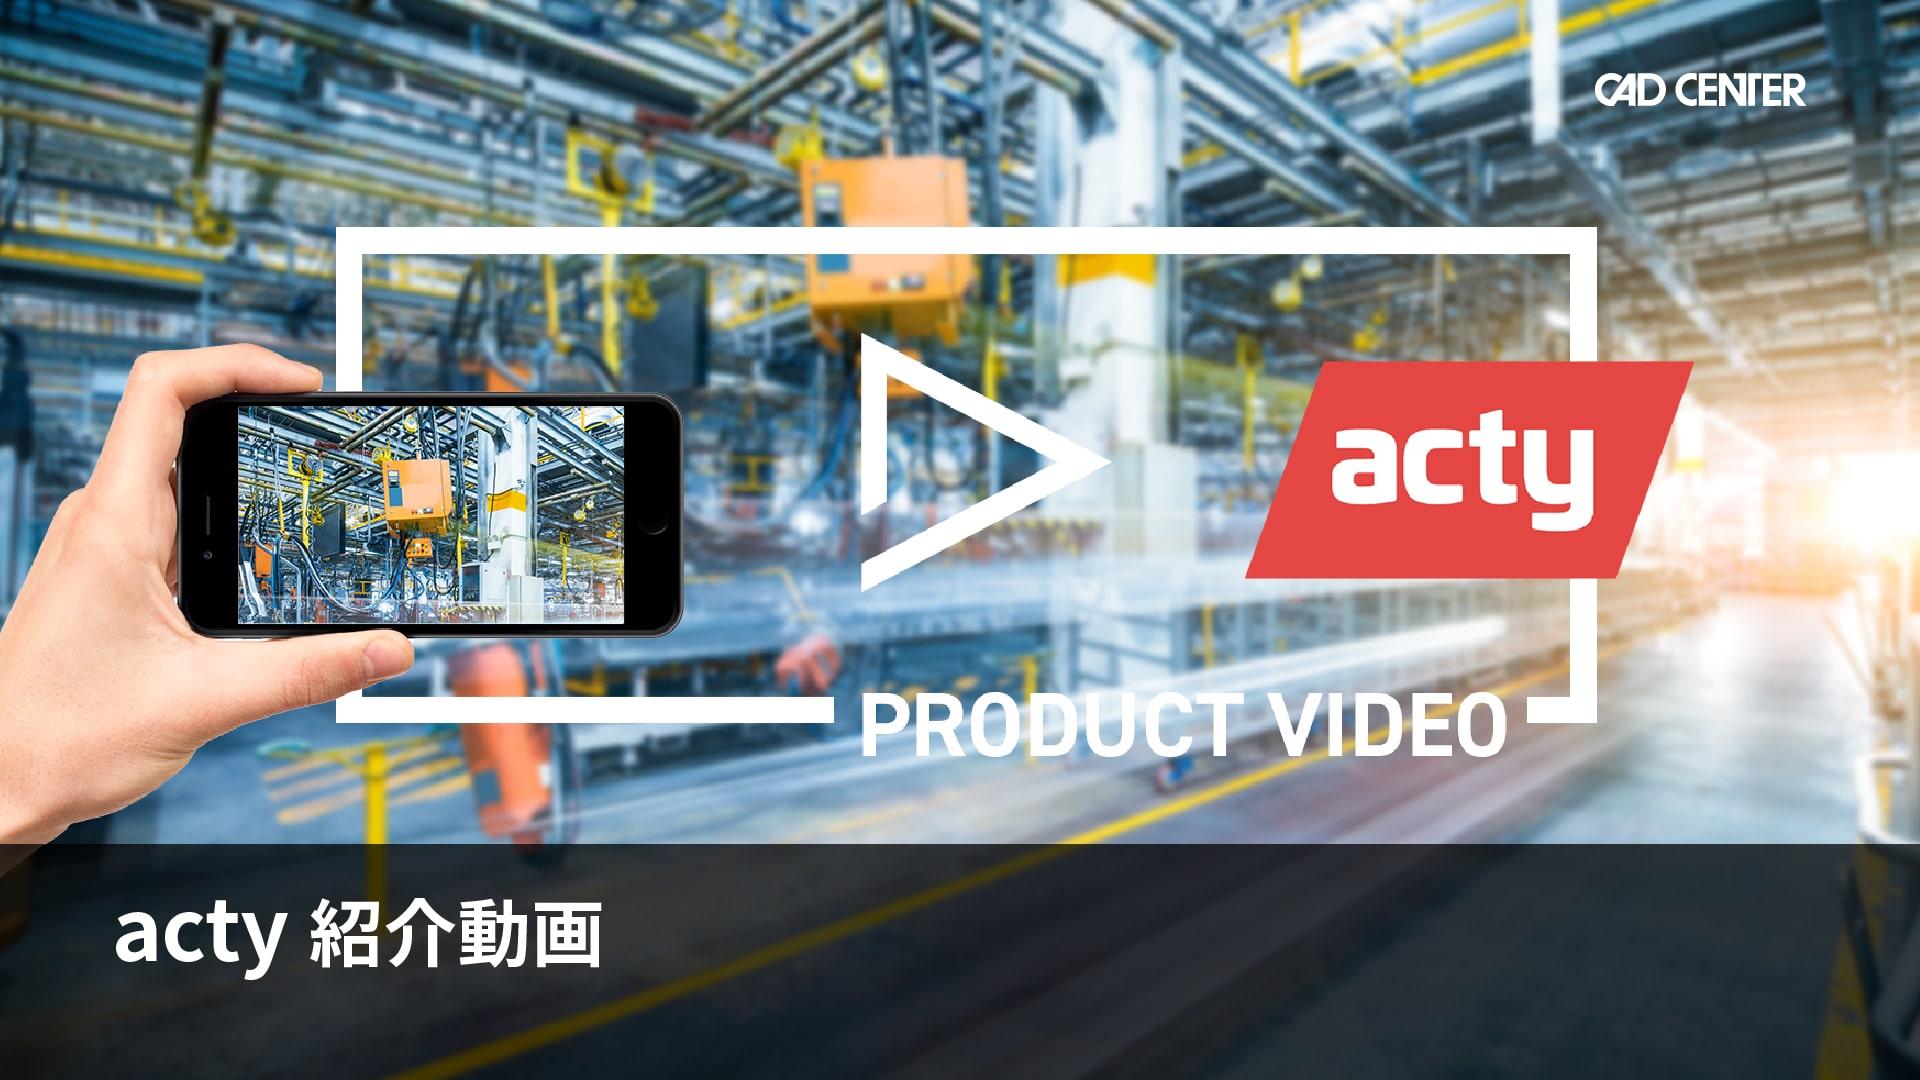 ビデオ通話型遠隔支援システム「acty」のサービス紹介です。